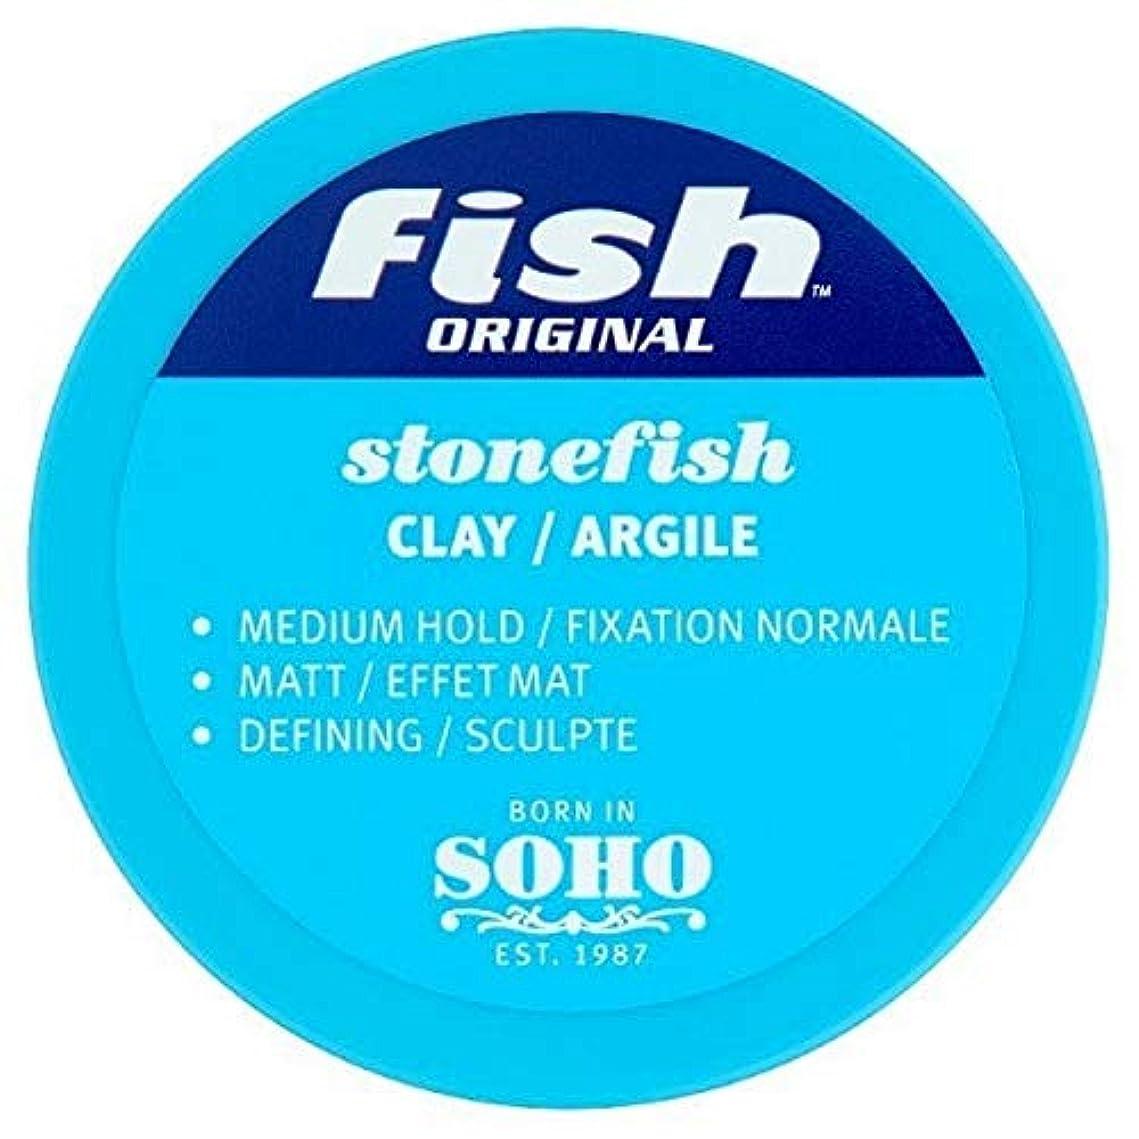 三番保証金ゲージ[Fish Soho] 魚本来のオニダルマオコゼマット粘土70ミリリットル - Fish Original Stonefish Matt Clay 70ml [並行輸入品]